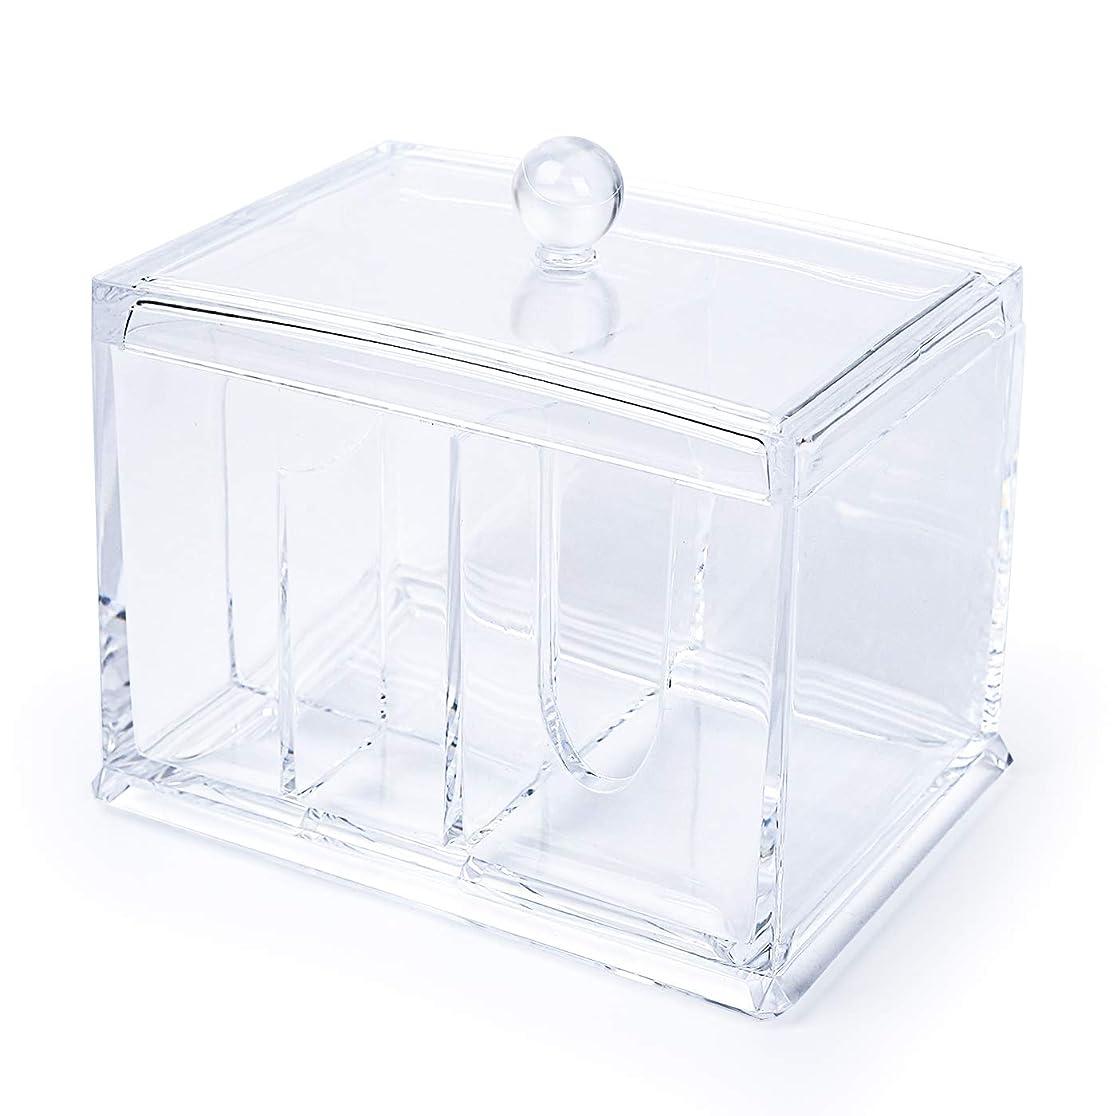 分析的ハウス風邪をひく収納ボックス アクリルケース 収納ボックス 綿棒 小物?コスメ小物用品収納 ジュエリーボックス アクセサリー 透明 防塵?蓋付き アクリル製